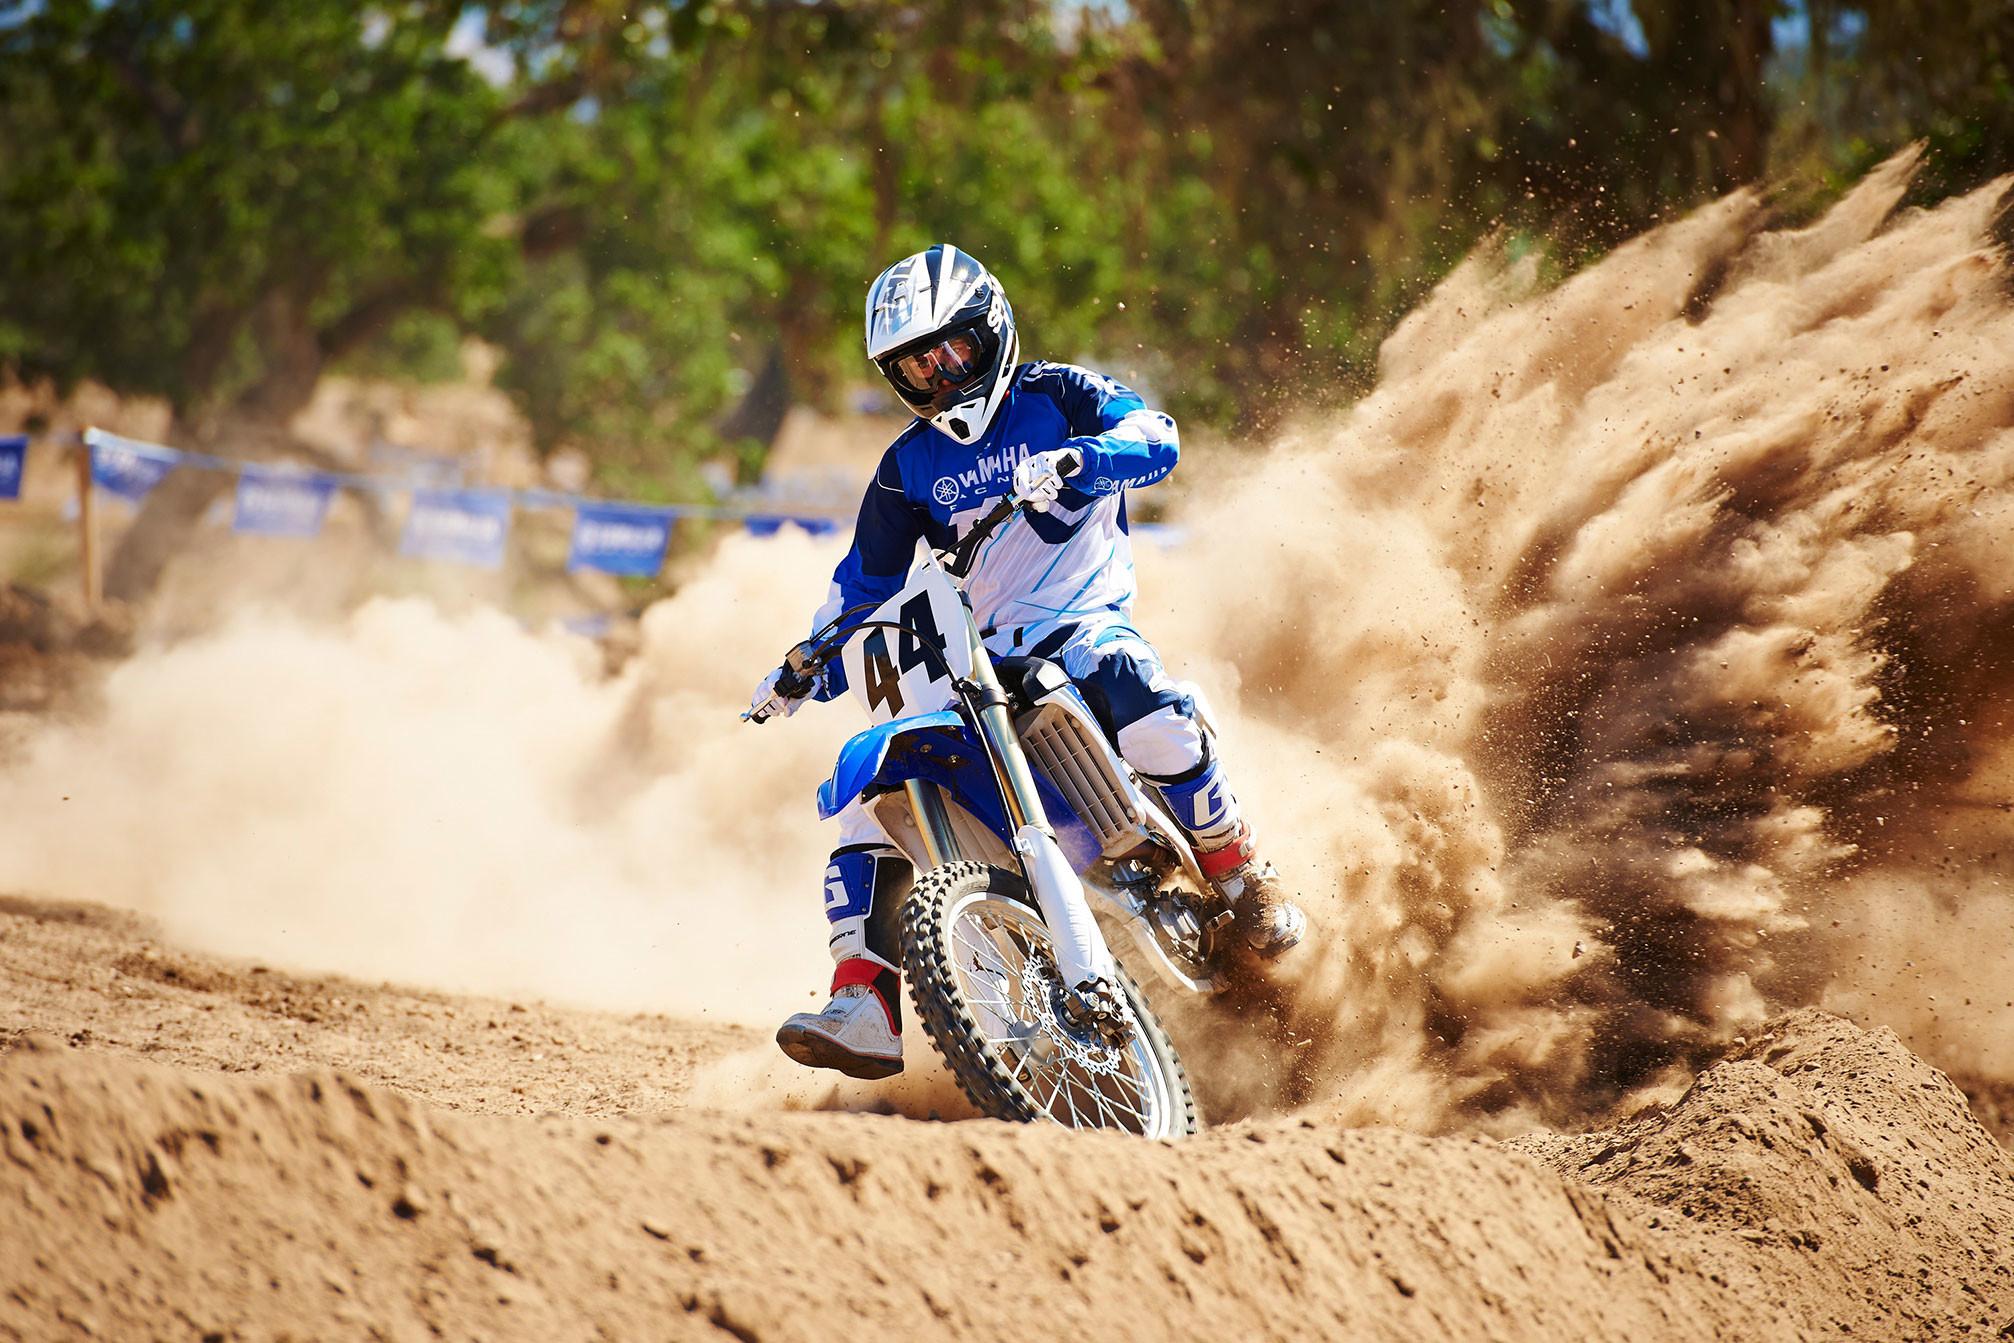 Dirt Bikes Hd Wallpapers: Yamaha Dirt Bike Wallpaper (64+ Images